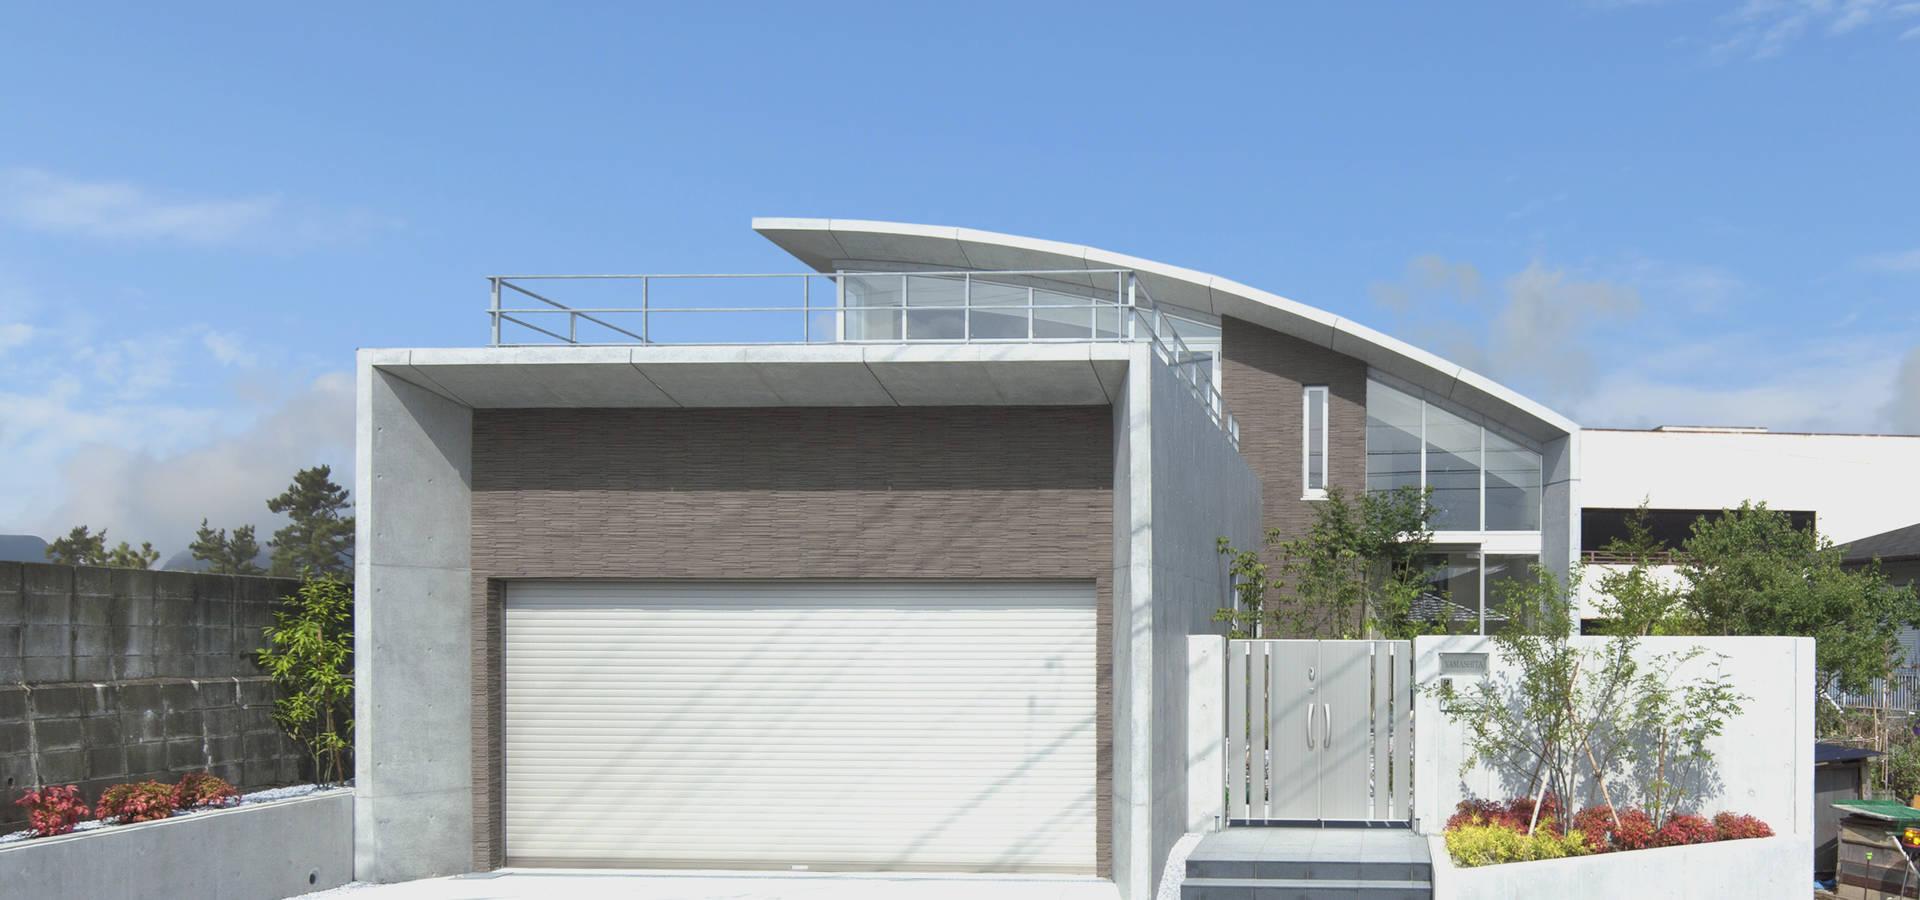 株式会社 深田環境建築デザイン 一級建築事務所